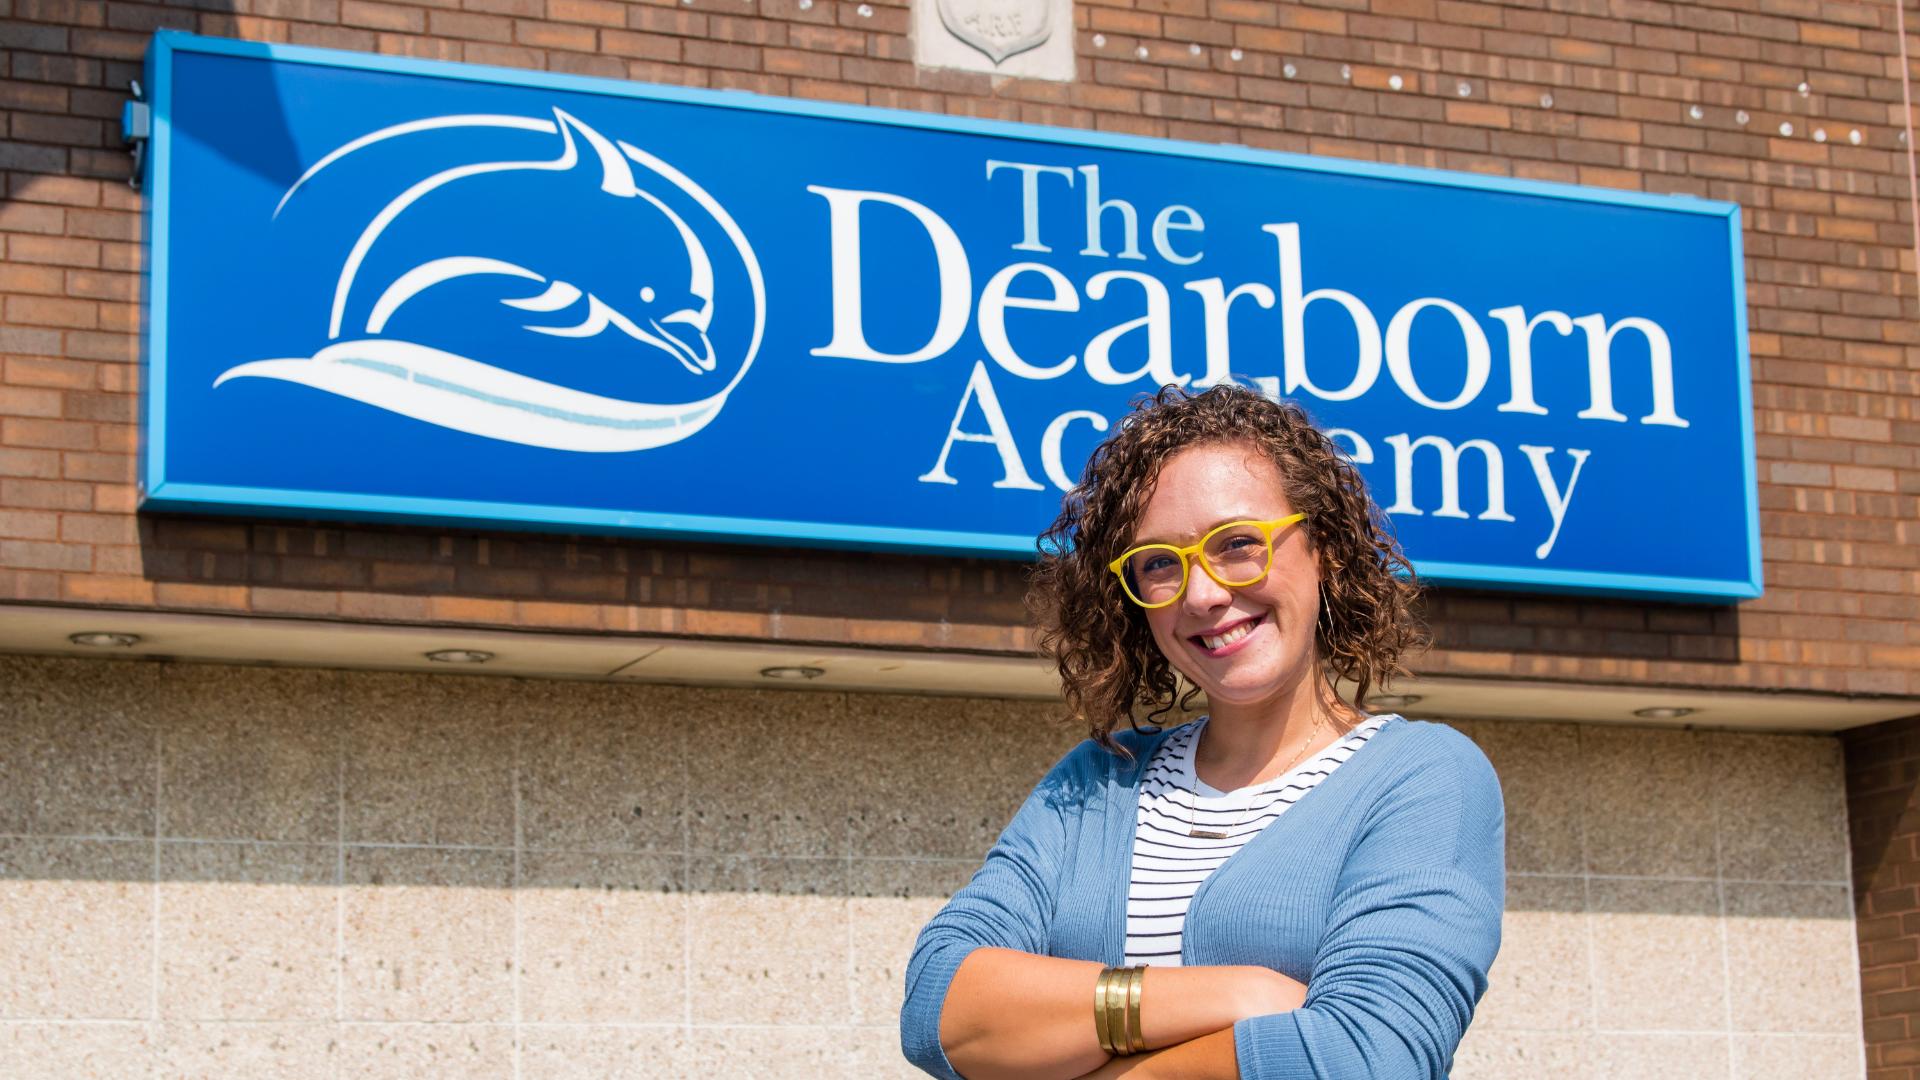 A photo of The Dearborn Academy teacher, Caitlyn Vella.